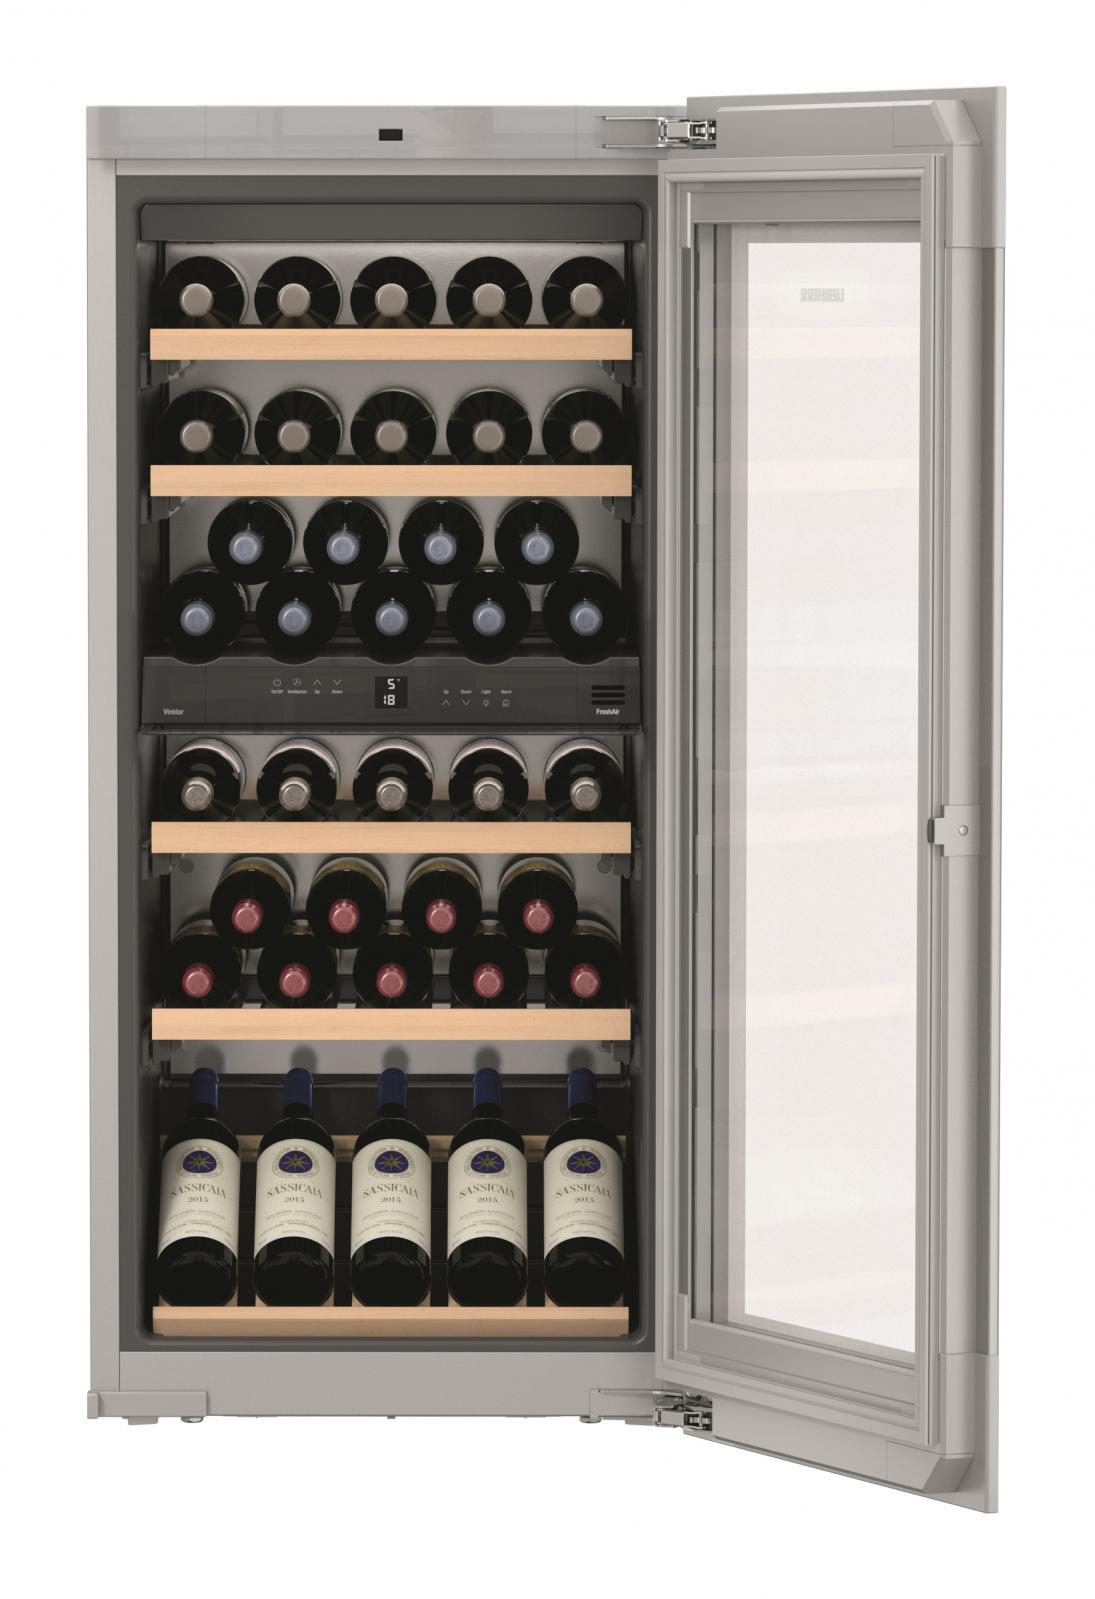 купить Встраиваемый винный шкаф Liebherr EWTgw 2383 Украина фото 2